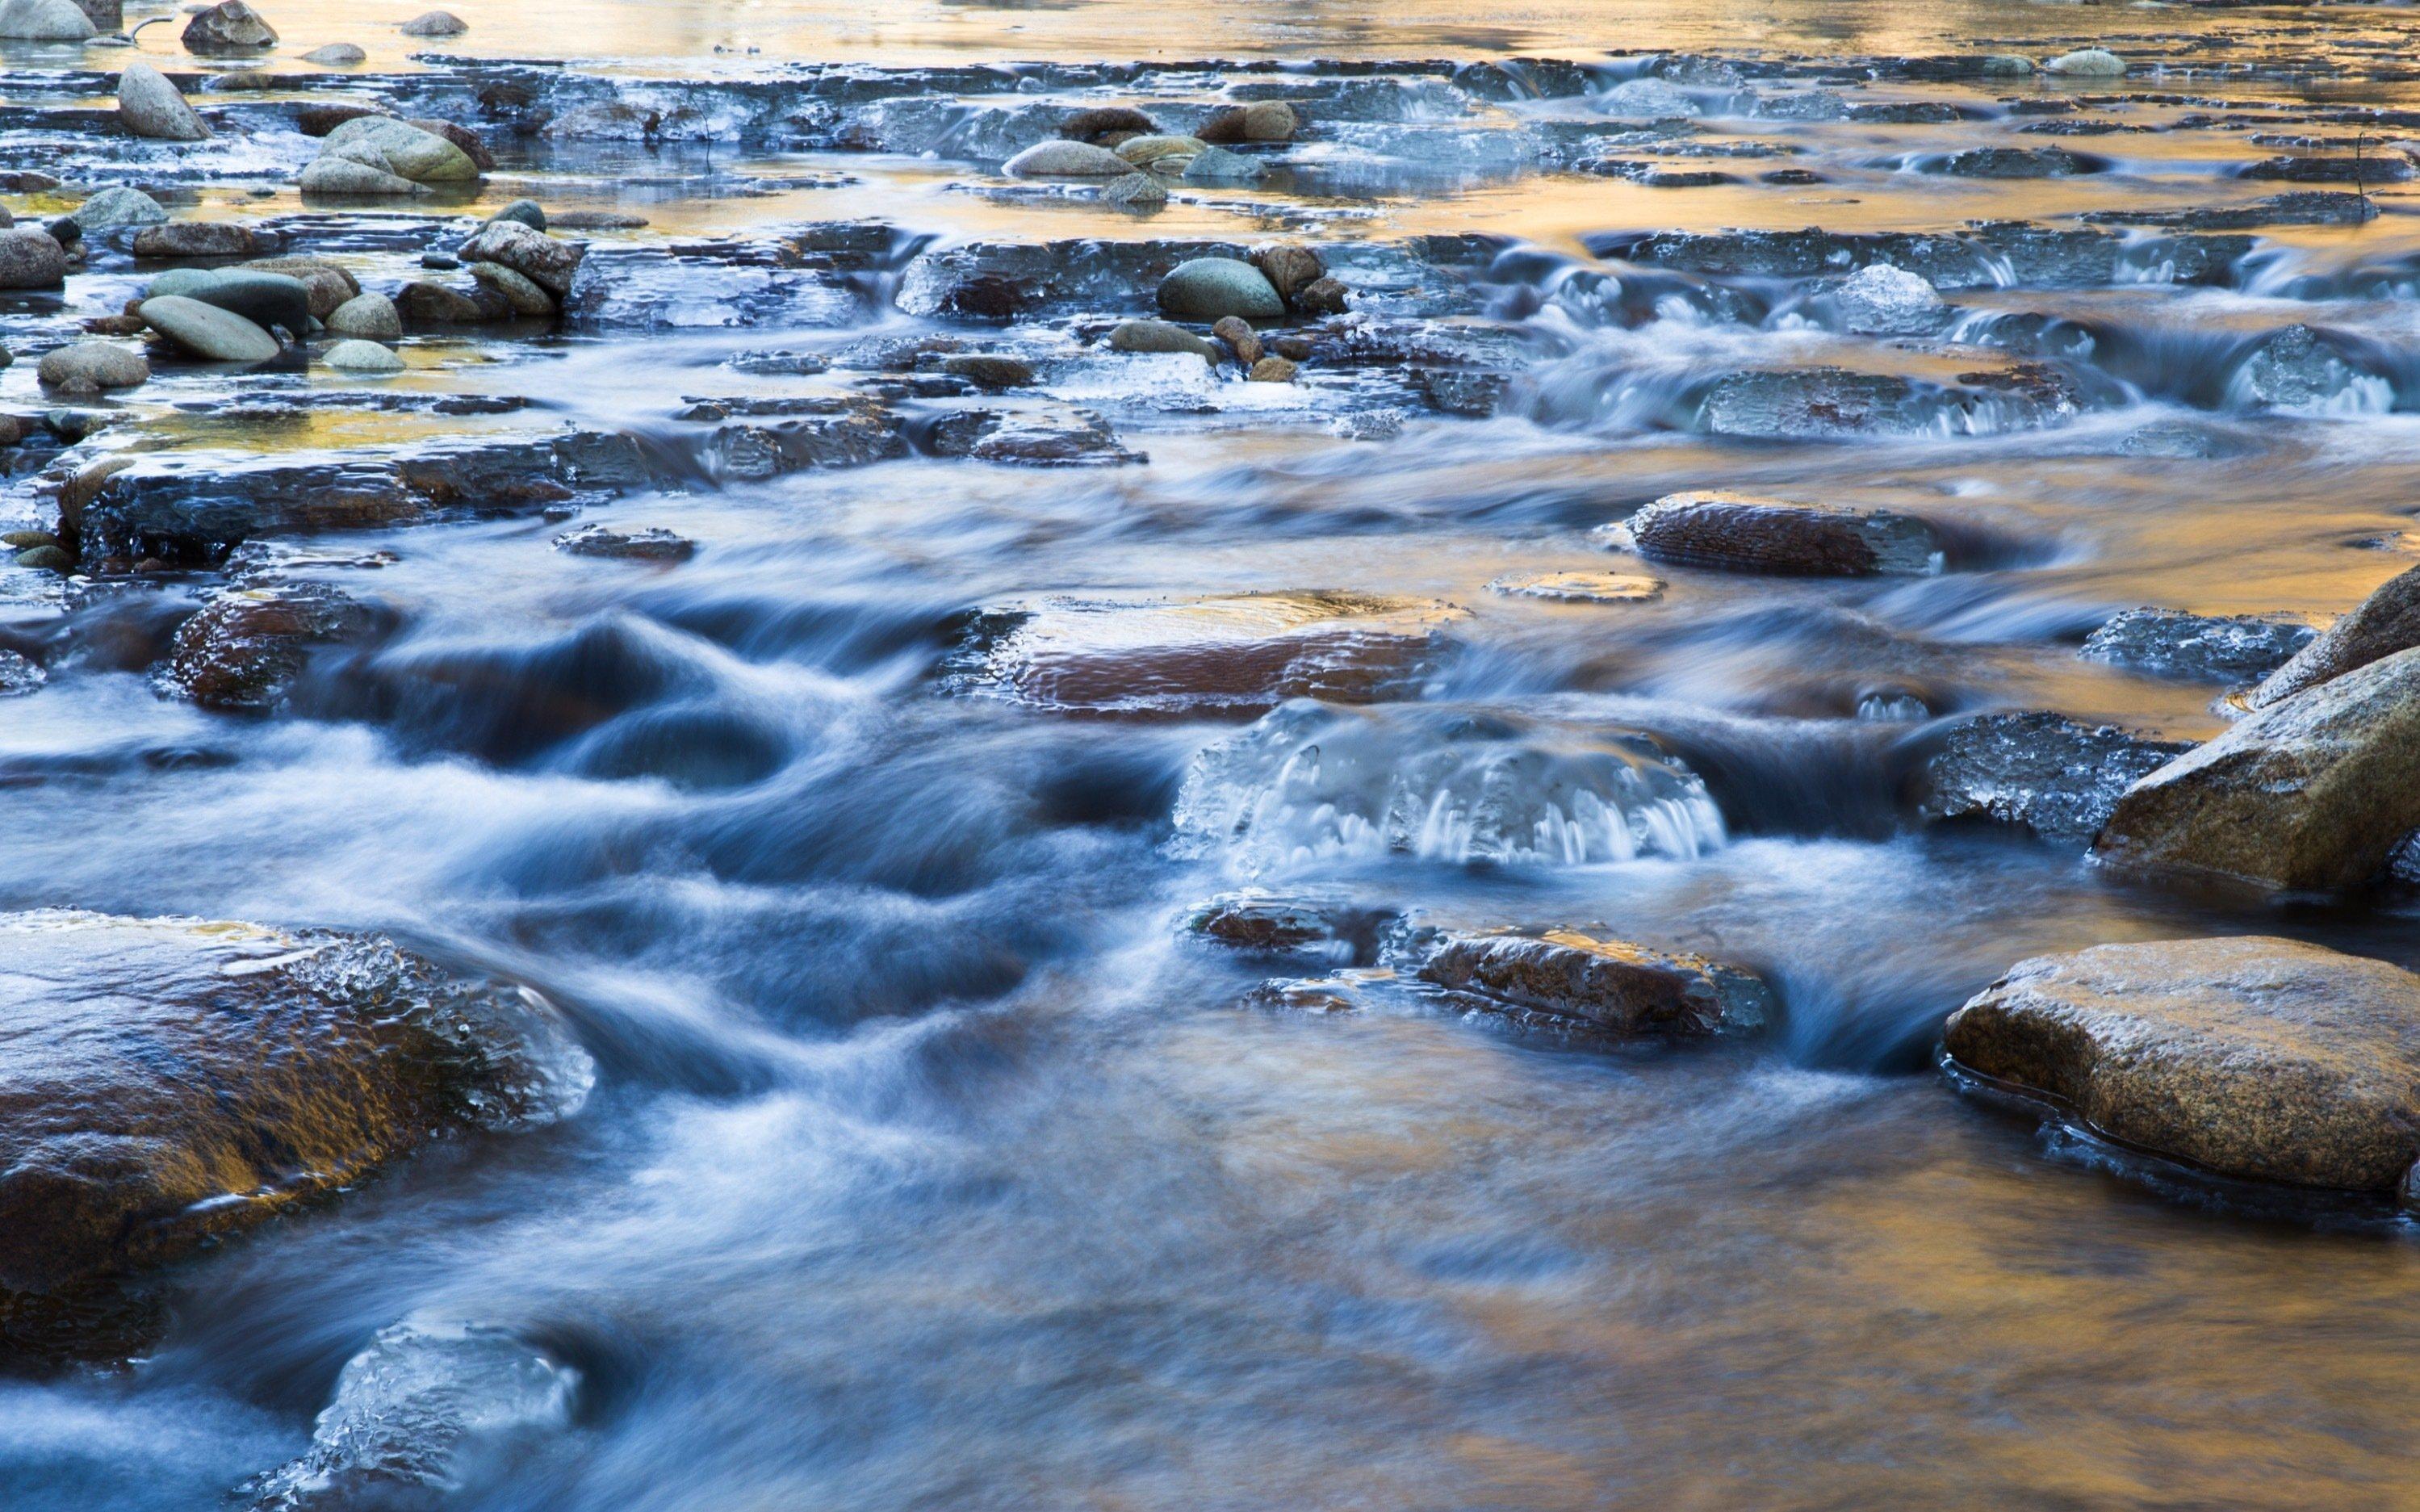 Flaches Wasser fließt über Steine.